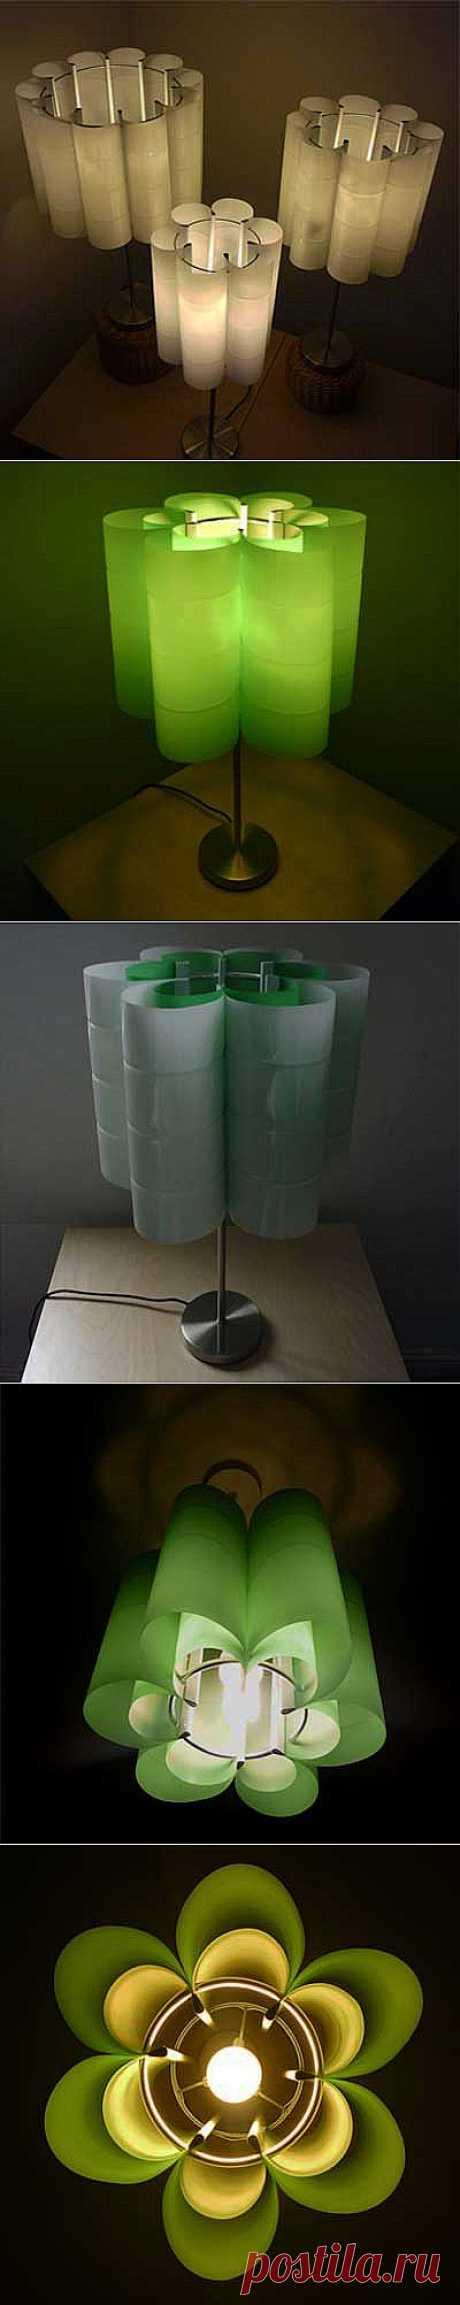 Светильники из пластиковых бутылок.